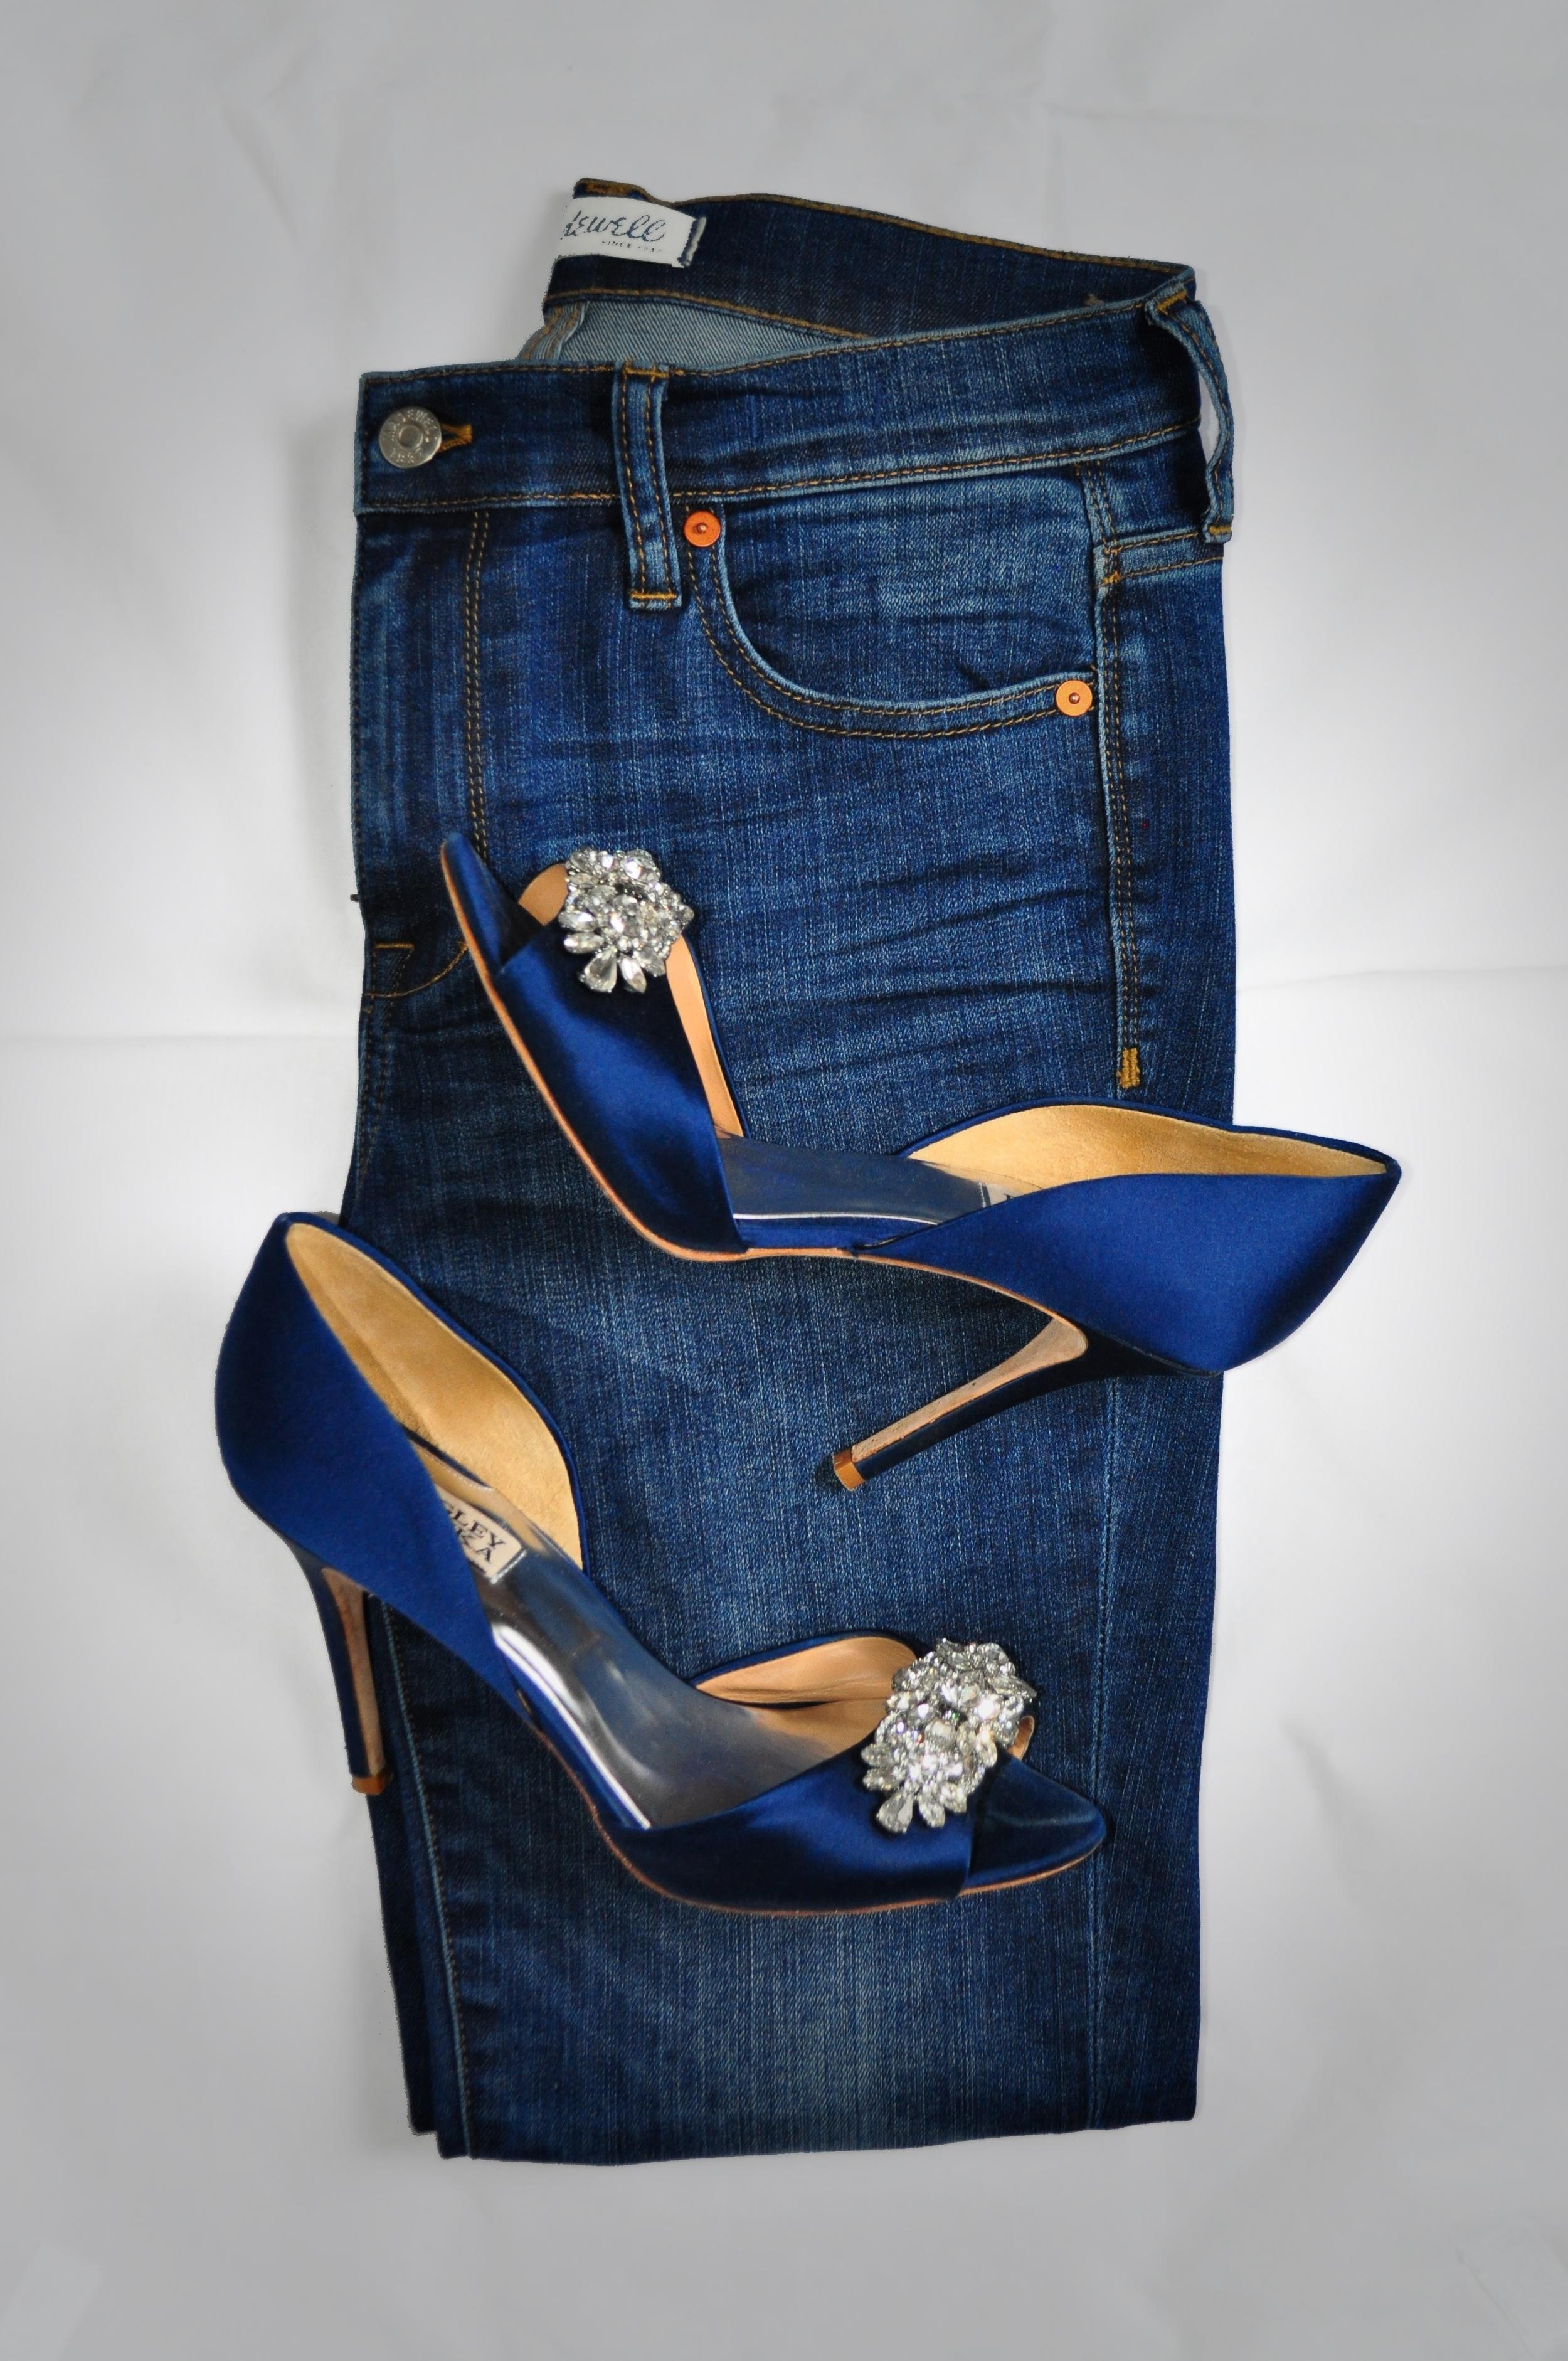 tee+jeans pic 2.jpg